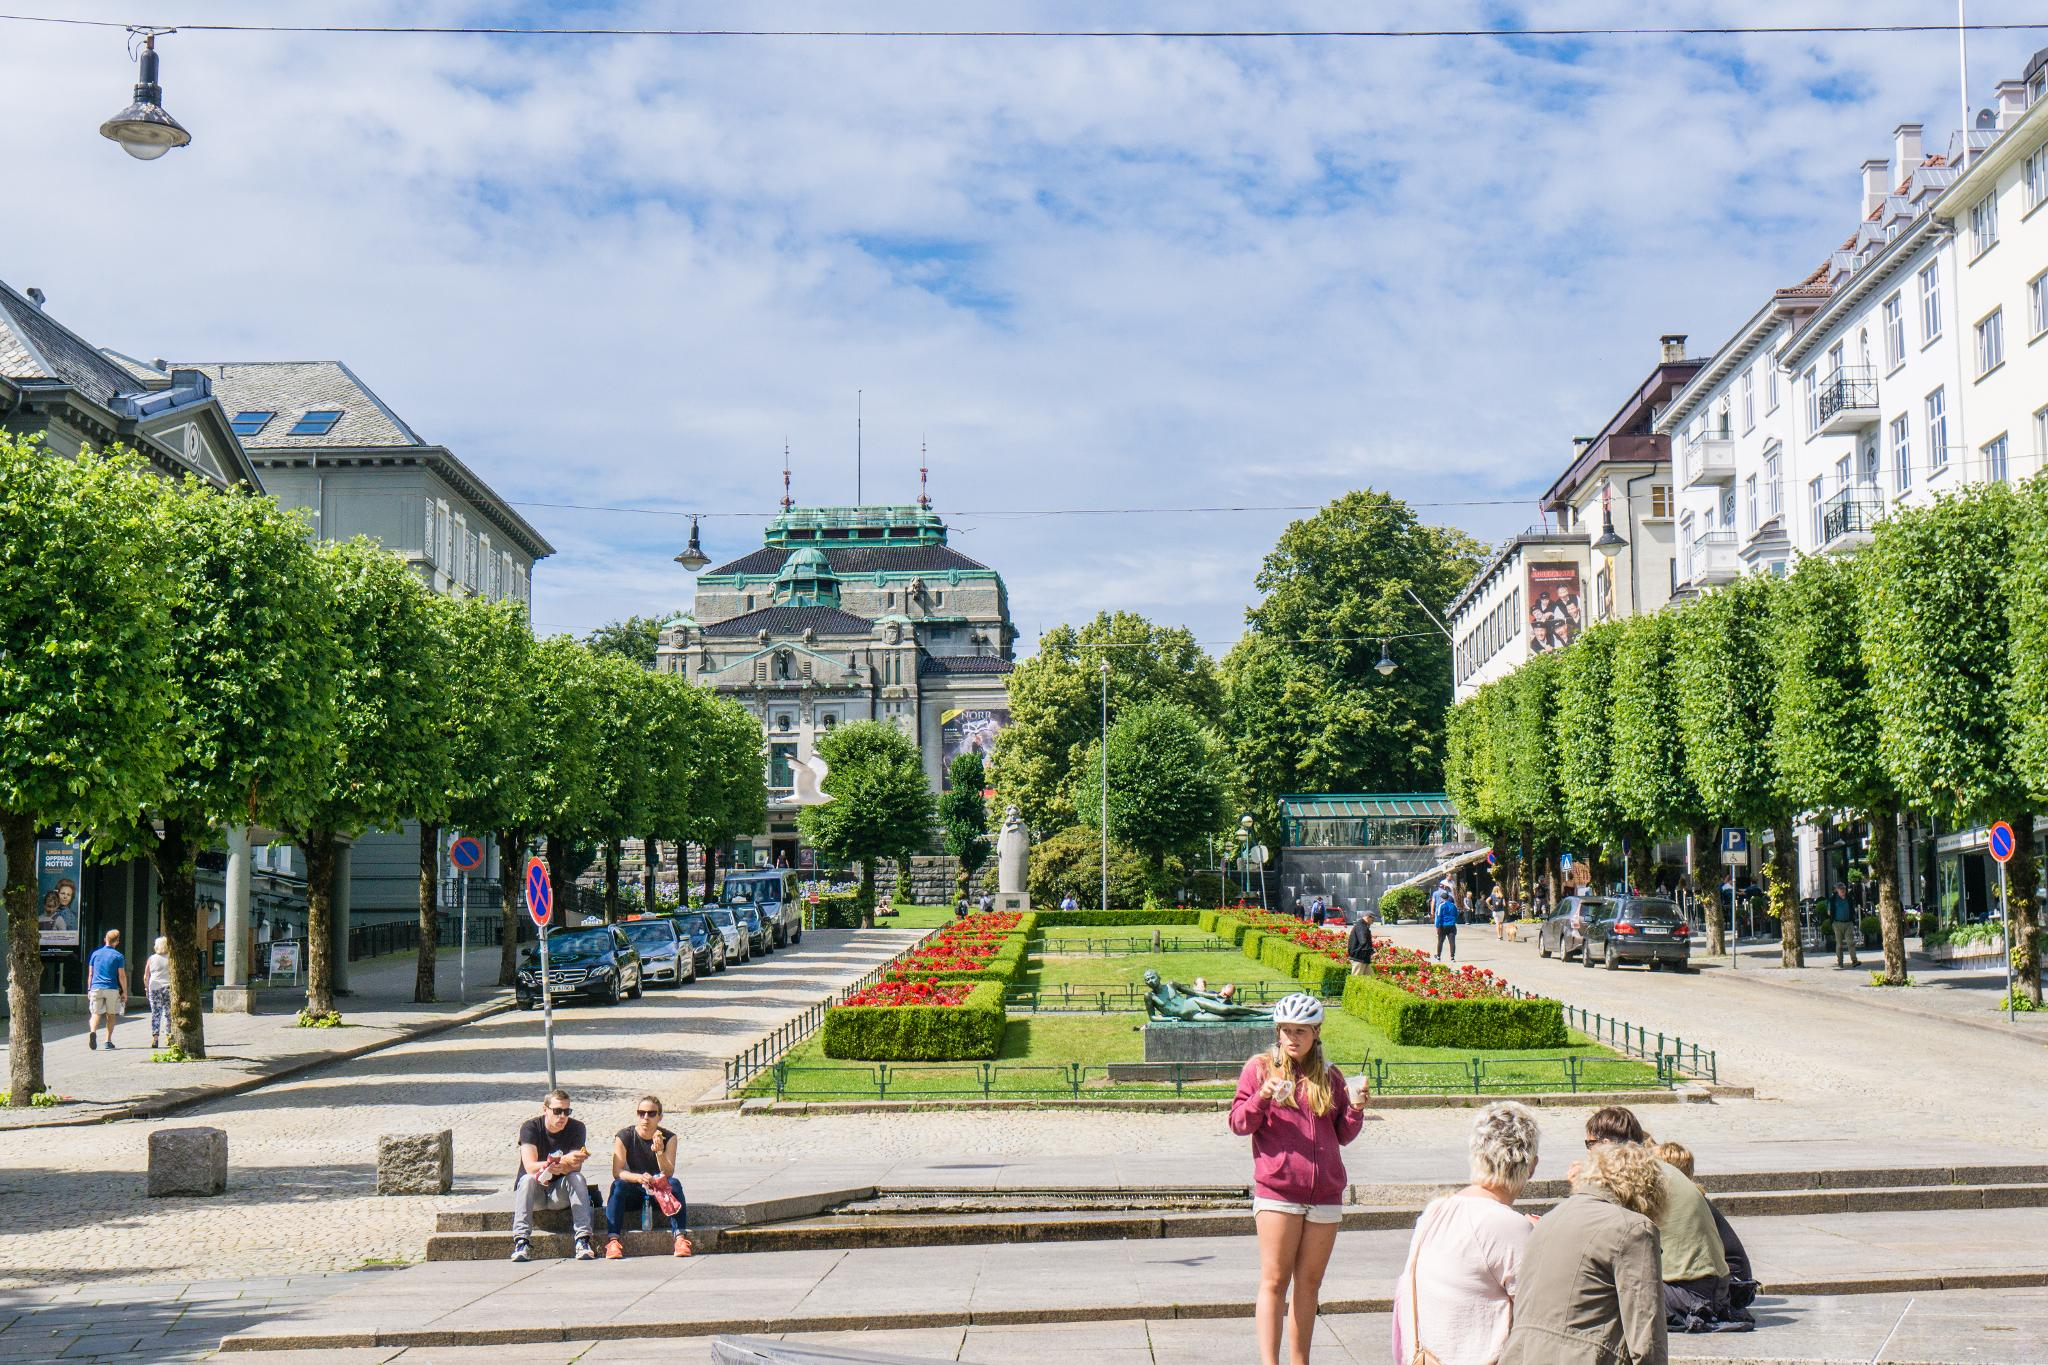 【卑爾根】童話北歐!卑爾根自由行景點全攻略 169